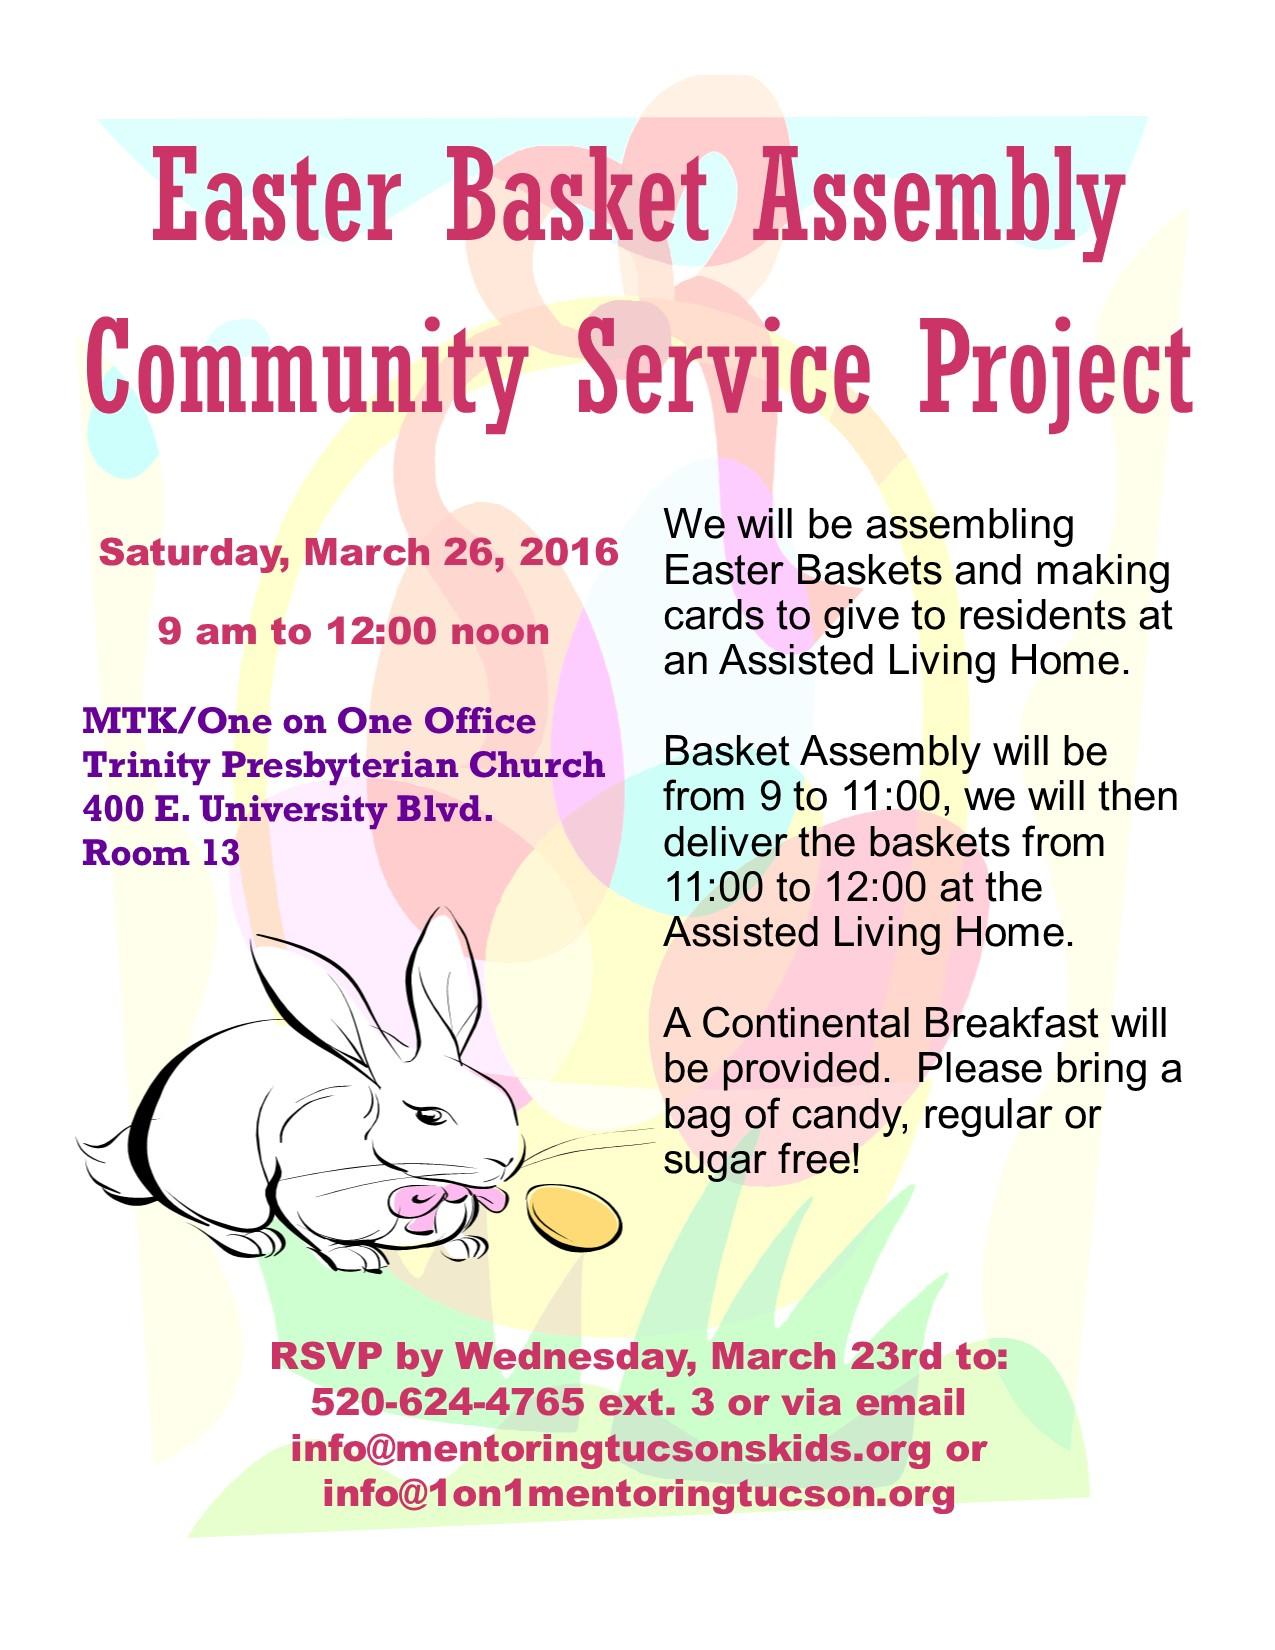 Easter Basket Flyer 2016